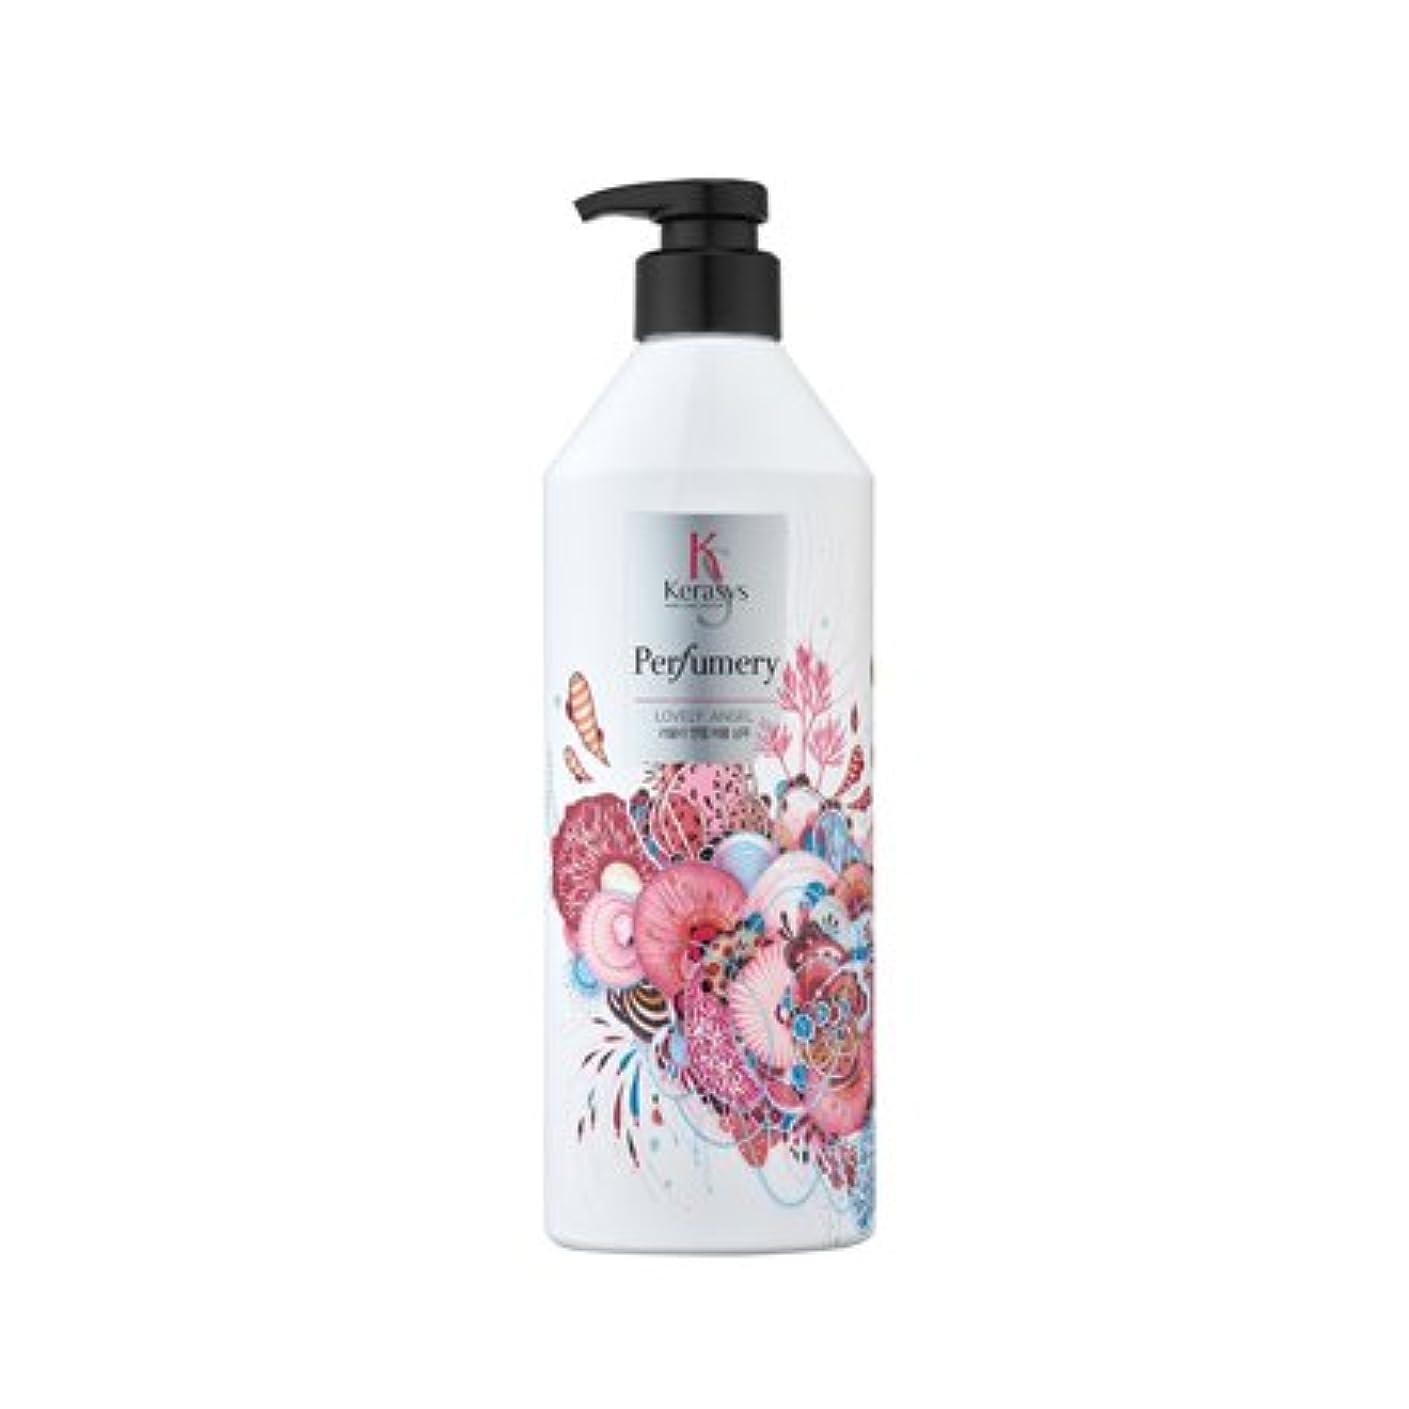 嘆願電気技師コジオスコ[Kerasys] ラブリーエンジェル パフューメリパフュームシャンプー 600ml Lovely Angel Perfumary shampoo 600ml [海外直送品]